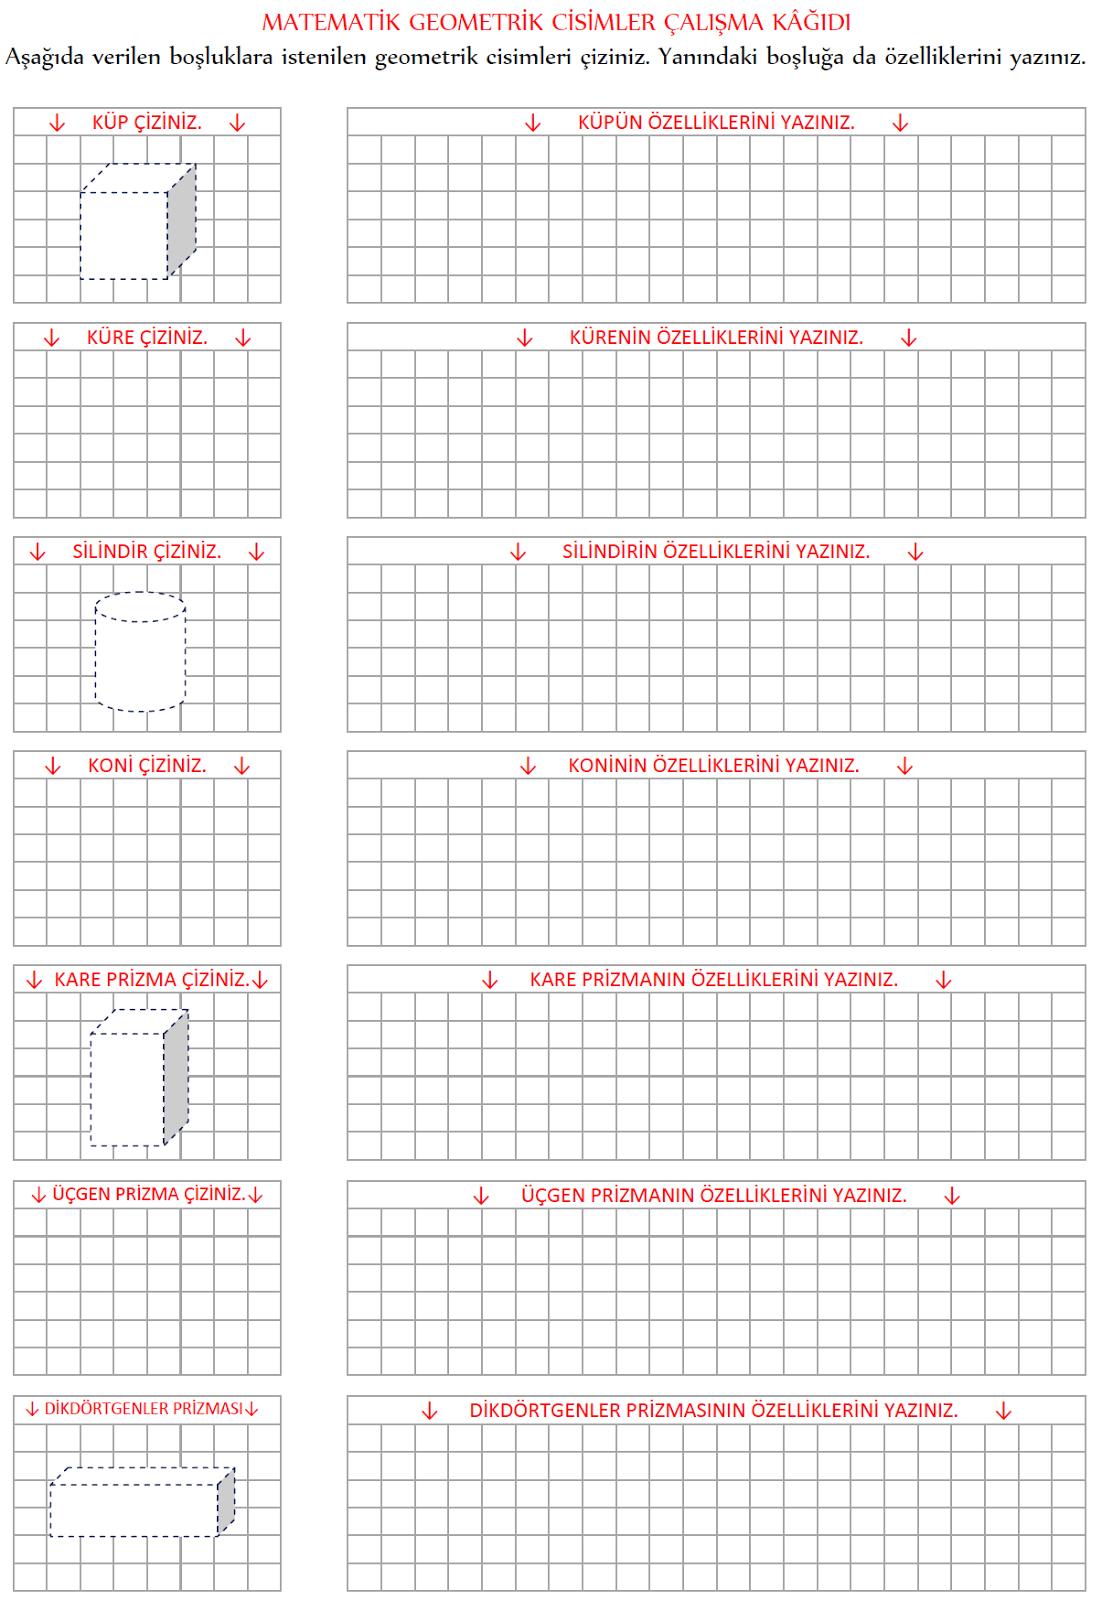 3 Sınıf Geometrik Cisimler çalışma Kağıdı Etkinliği Eğitim